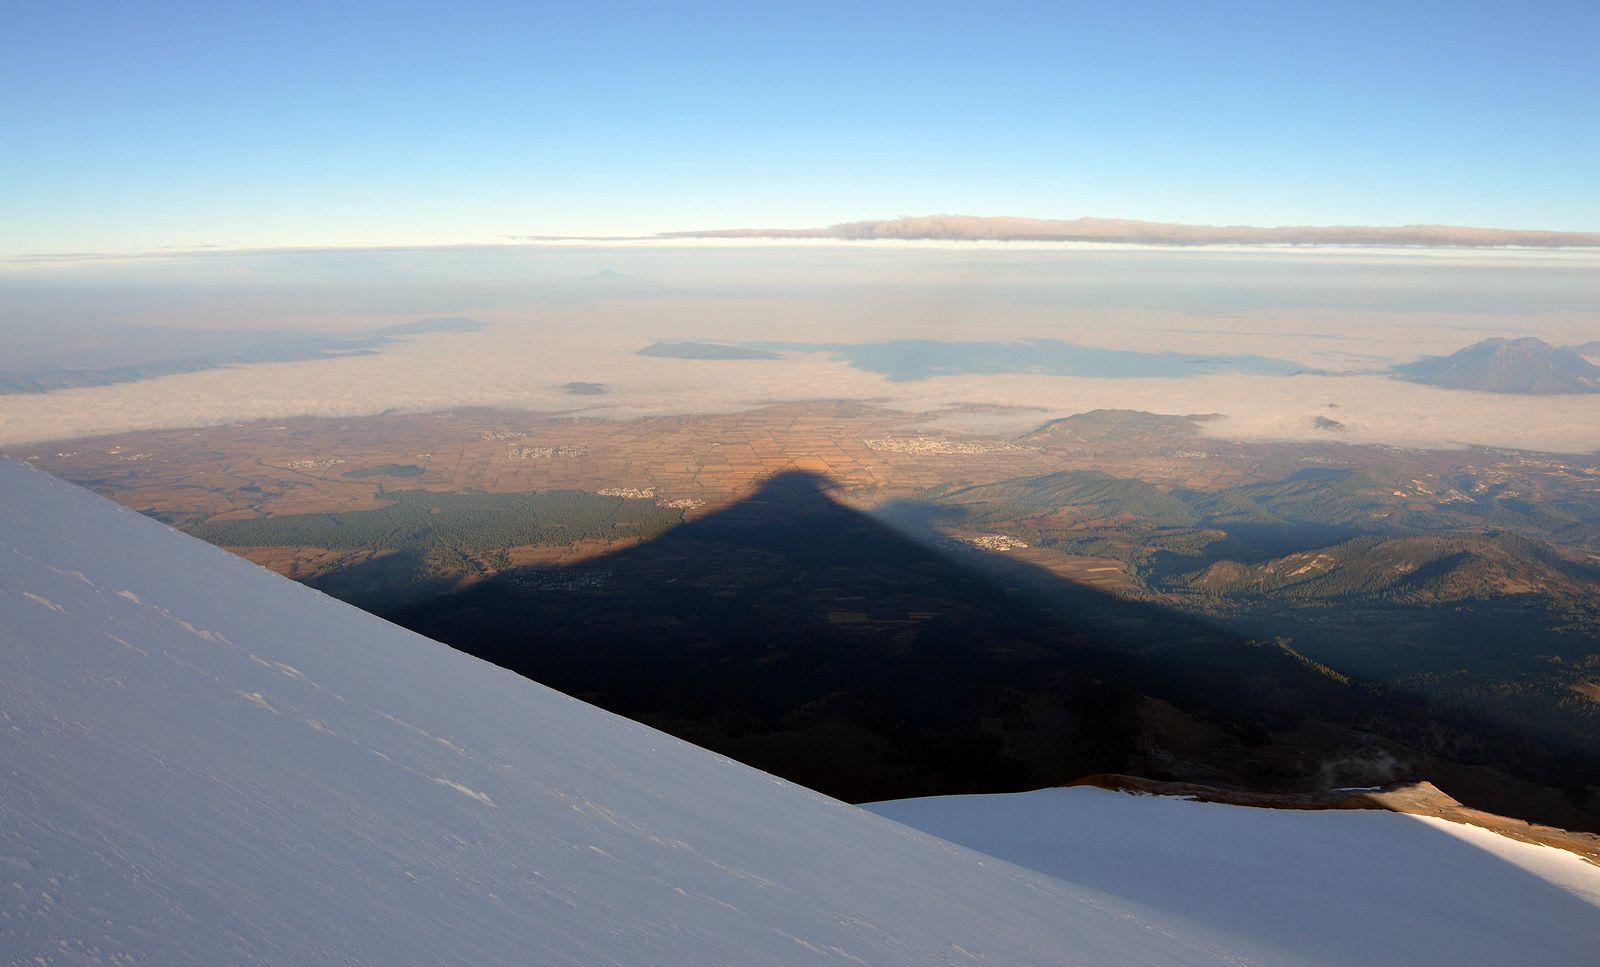 Zábery z výstupu na Pico de Orizaba 5640 m robila Janka Bežovská. Ja som sa sústreďovala na dýchanie avyberanie fotáku neprichádzalo do úvahy...